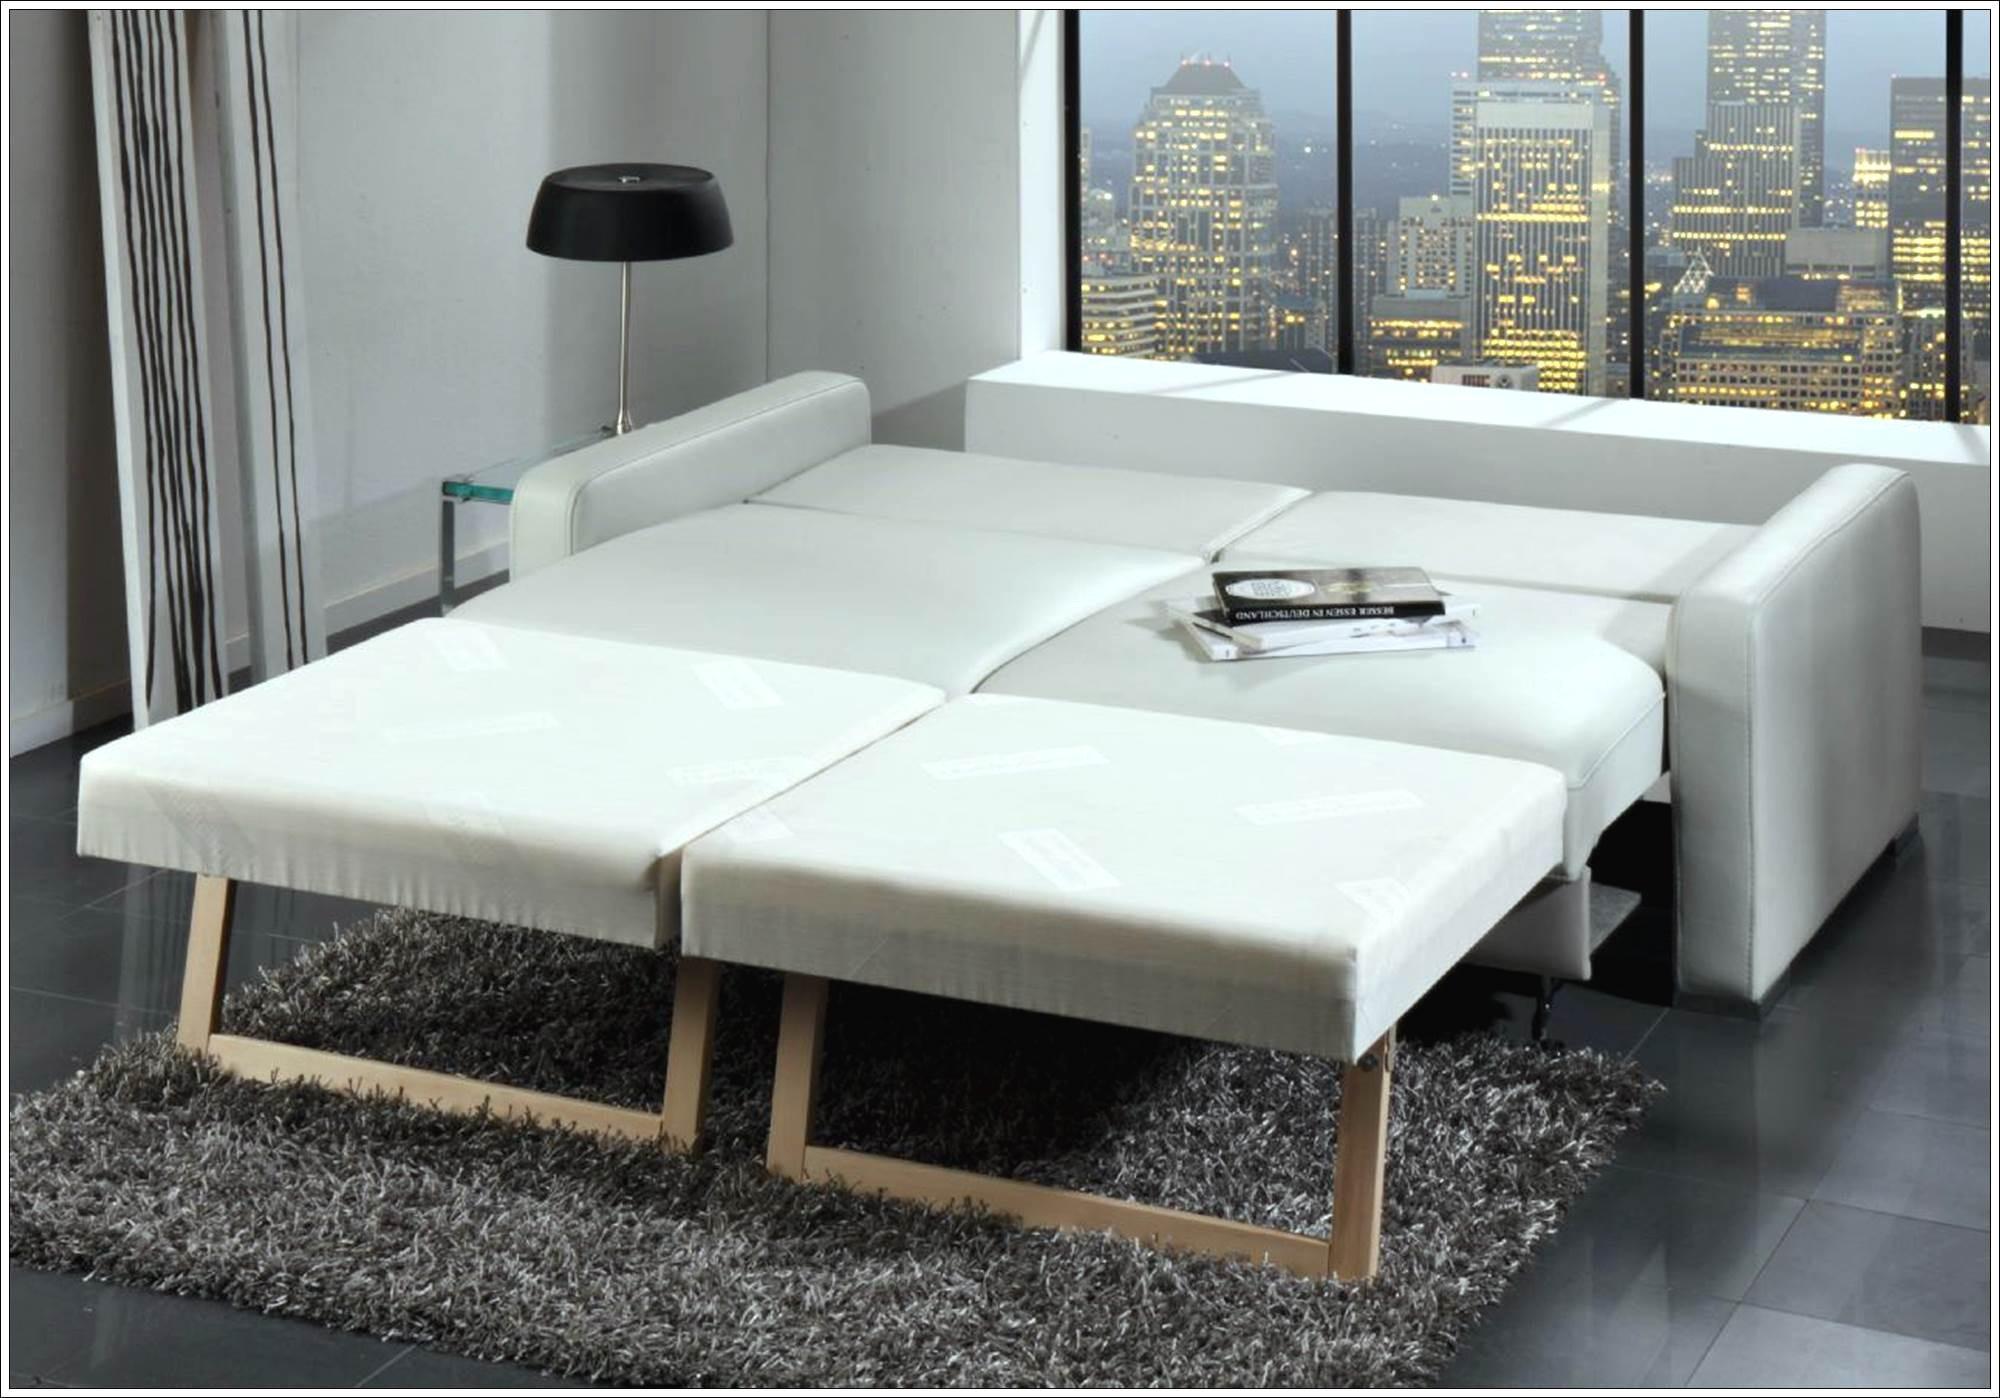 Ikea Jeté De Lit Inspirant Photos Les 23 élégant Canapé Lit but 2 Places Image